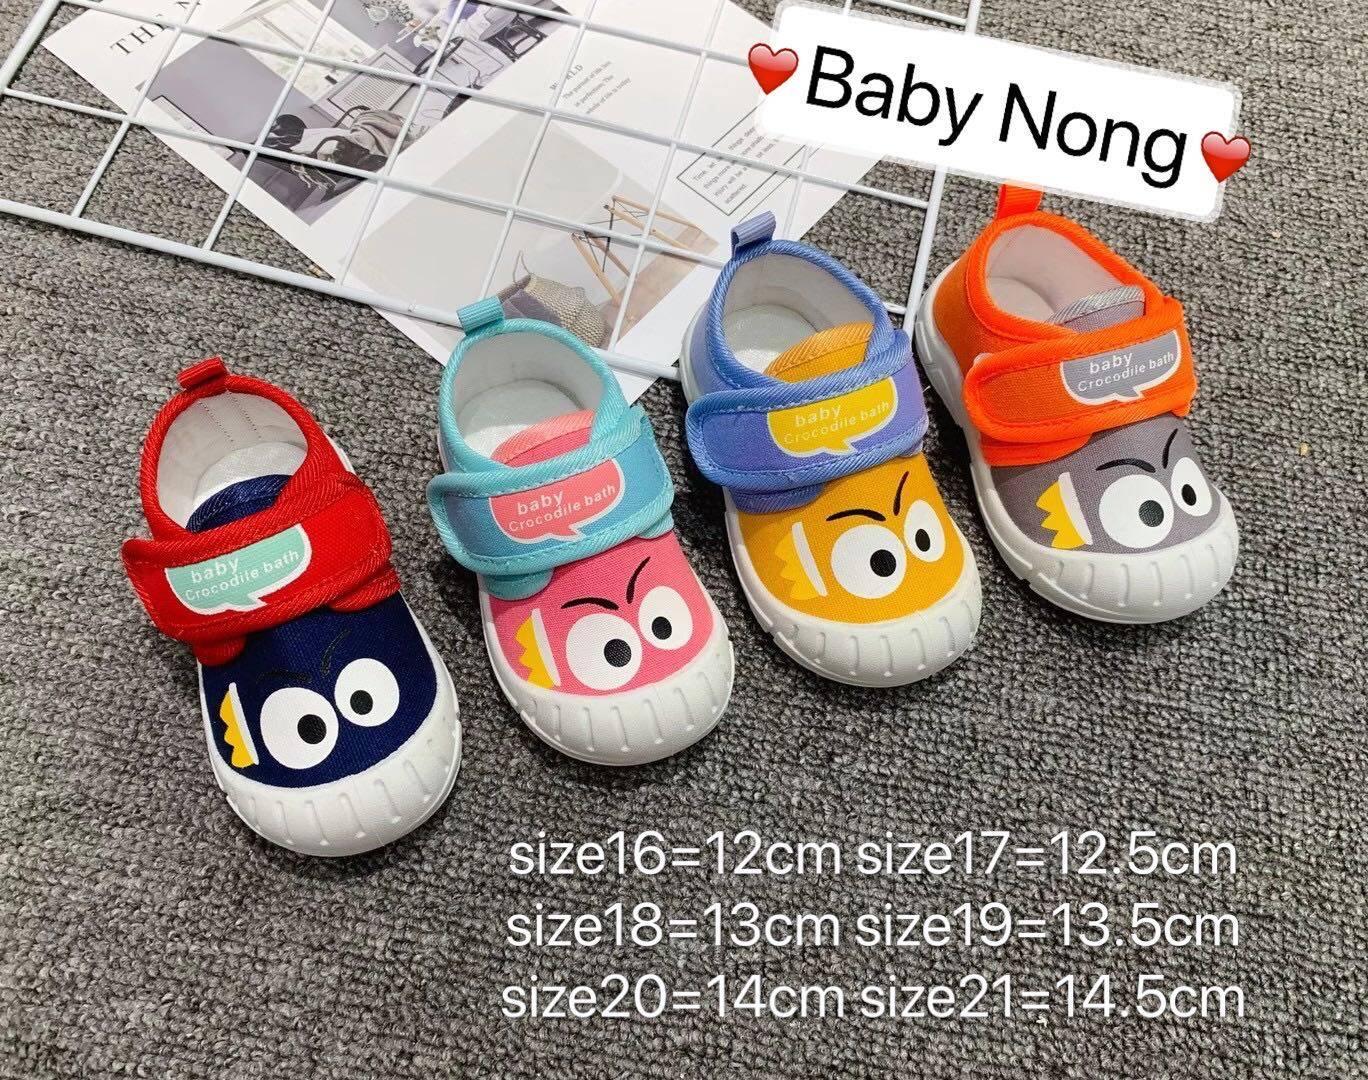 Baby Nong ใหม่ รองเท้าเด็กวัยหัดเดิน รองเท้าผ้าใบ รองเท้าเป่าโถวรองเท้าเด็กวัยหัดเดิน 1-3ขวบ.